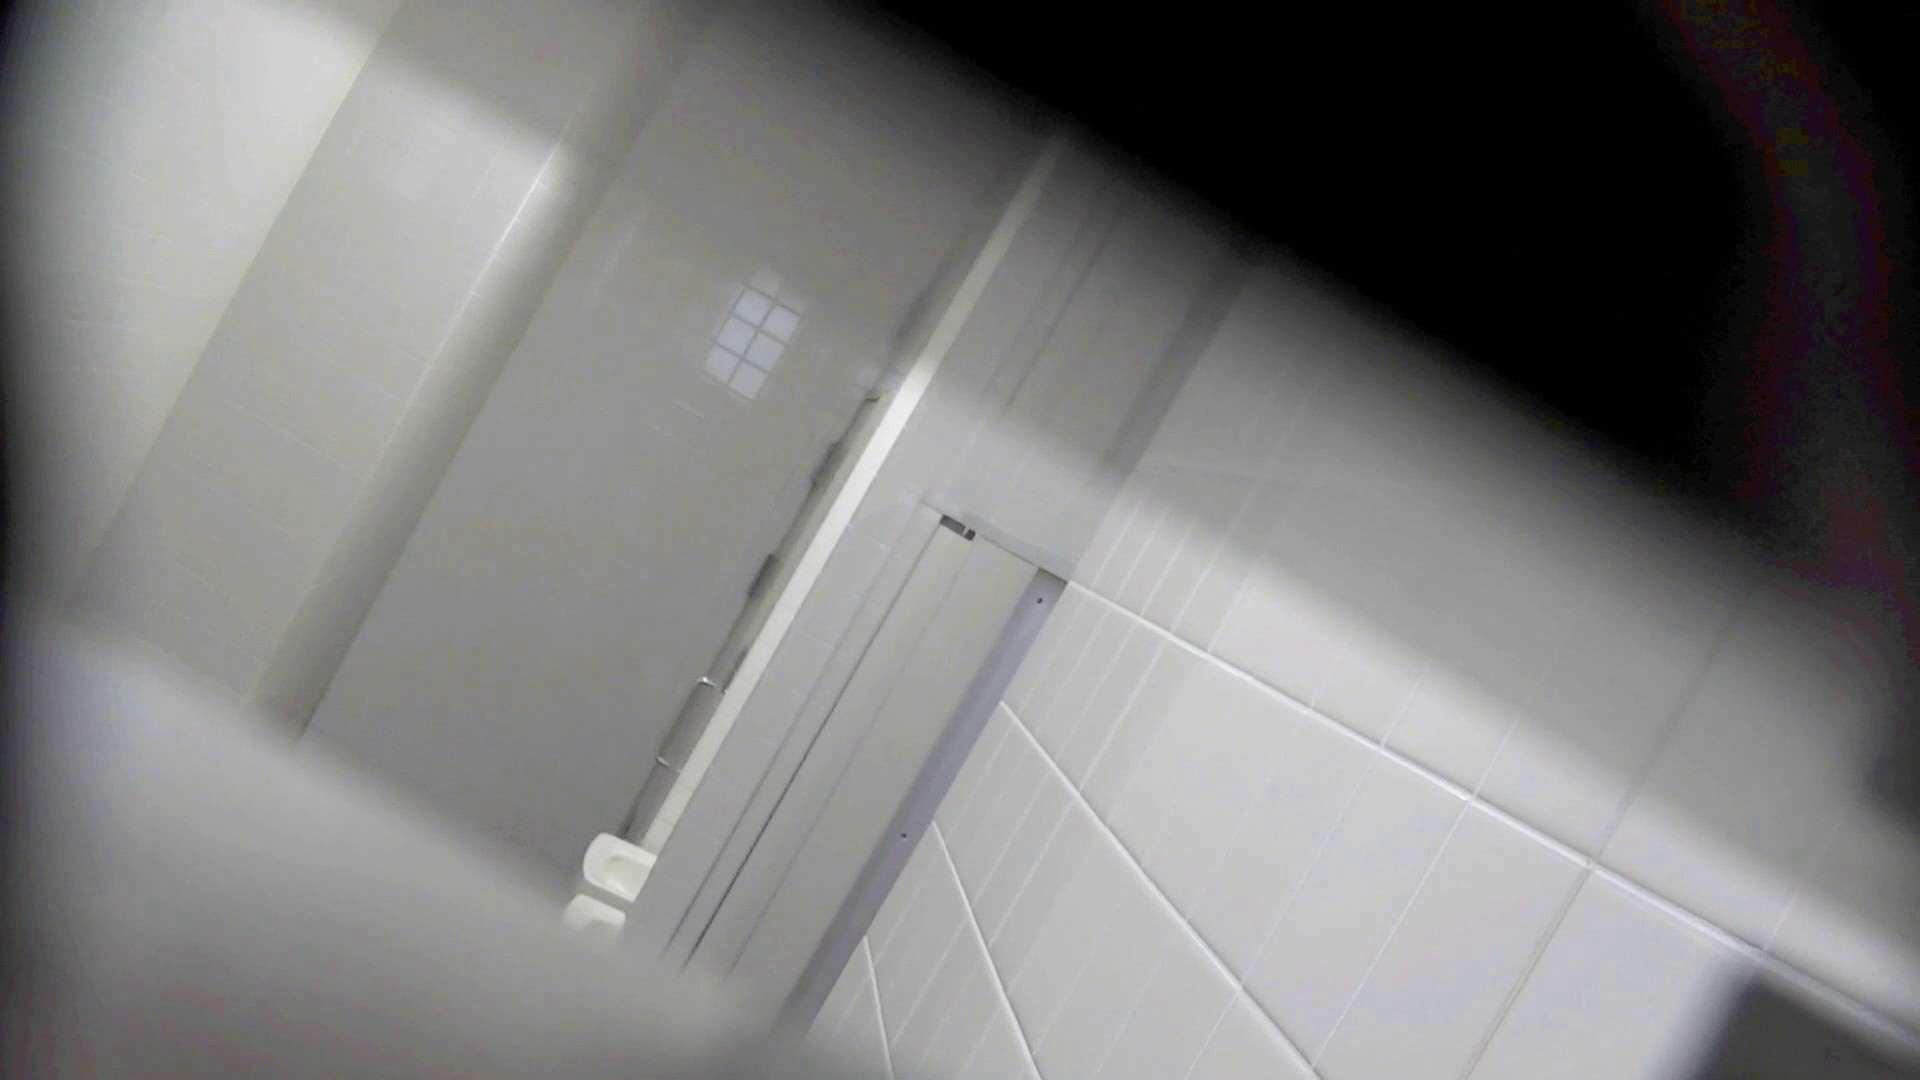 別冊「洗面所突入レポート!!」【閲覧注意!】シート的な物に興味のある方のみ! 洗面所  90PIX 69